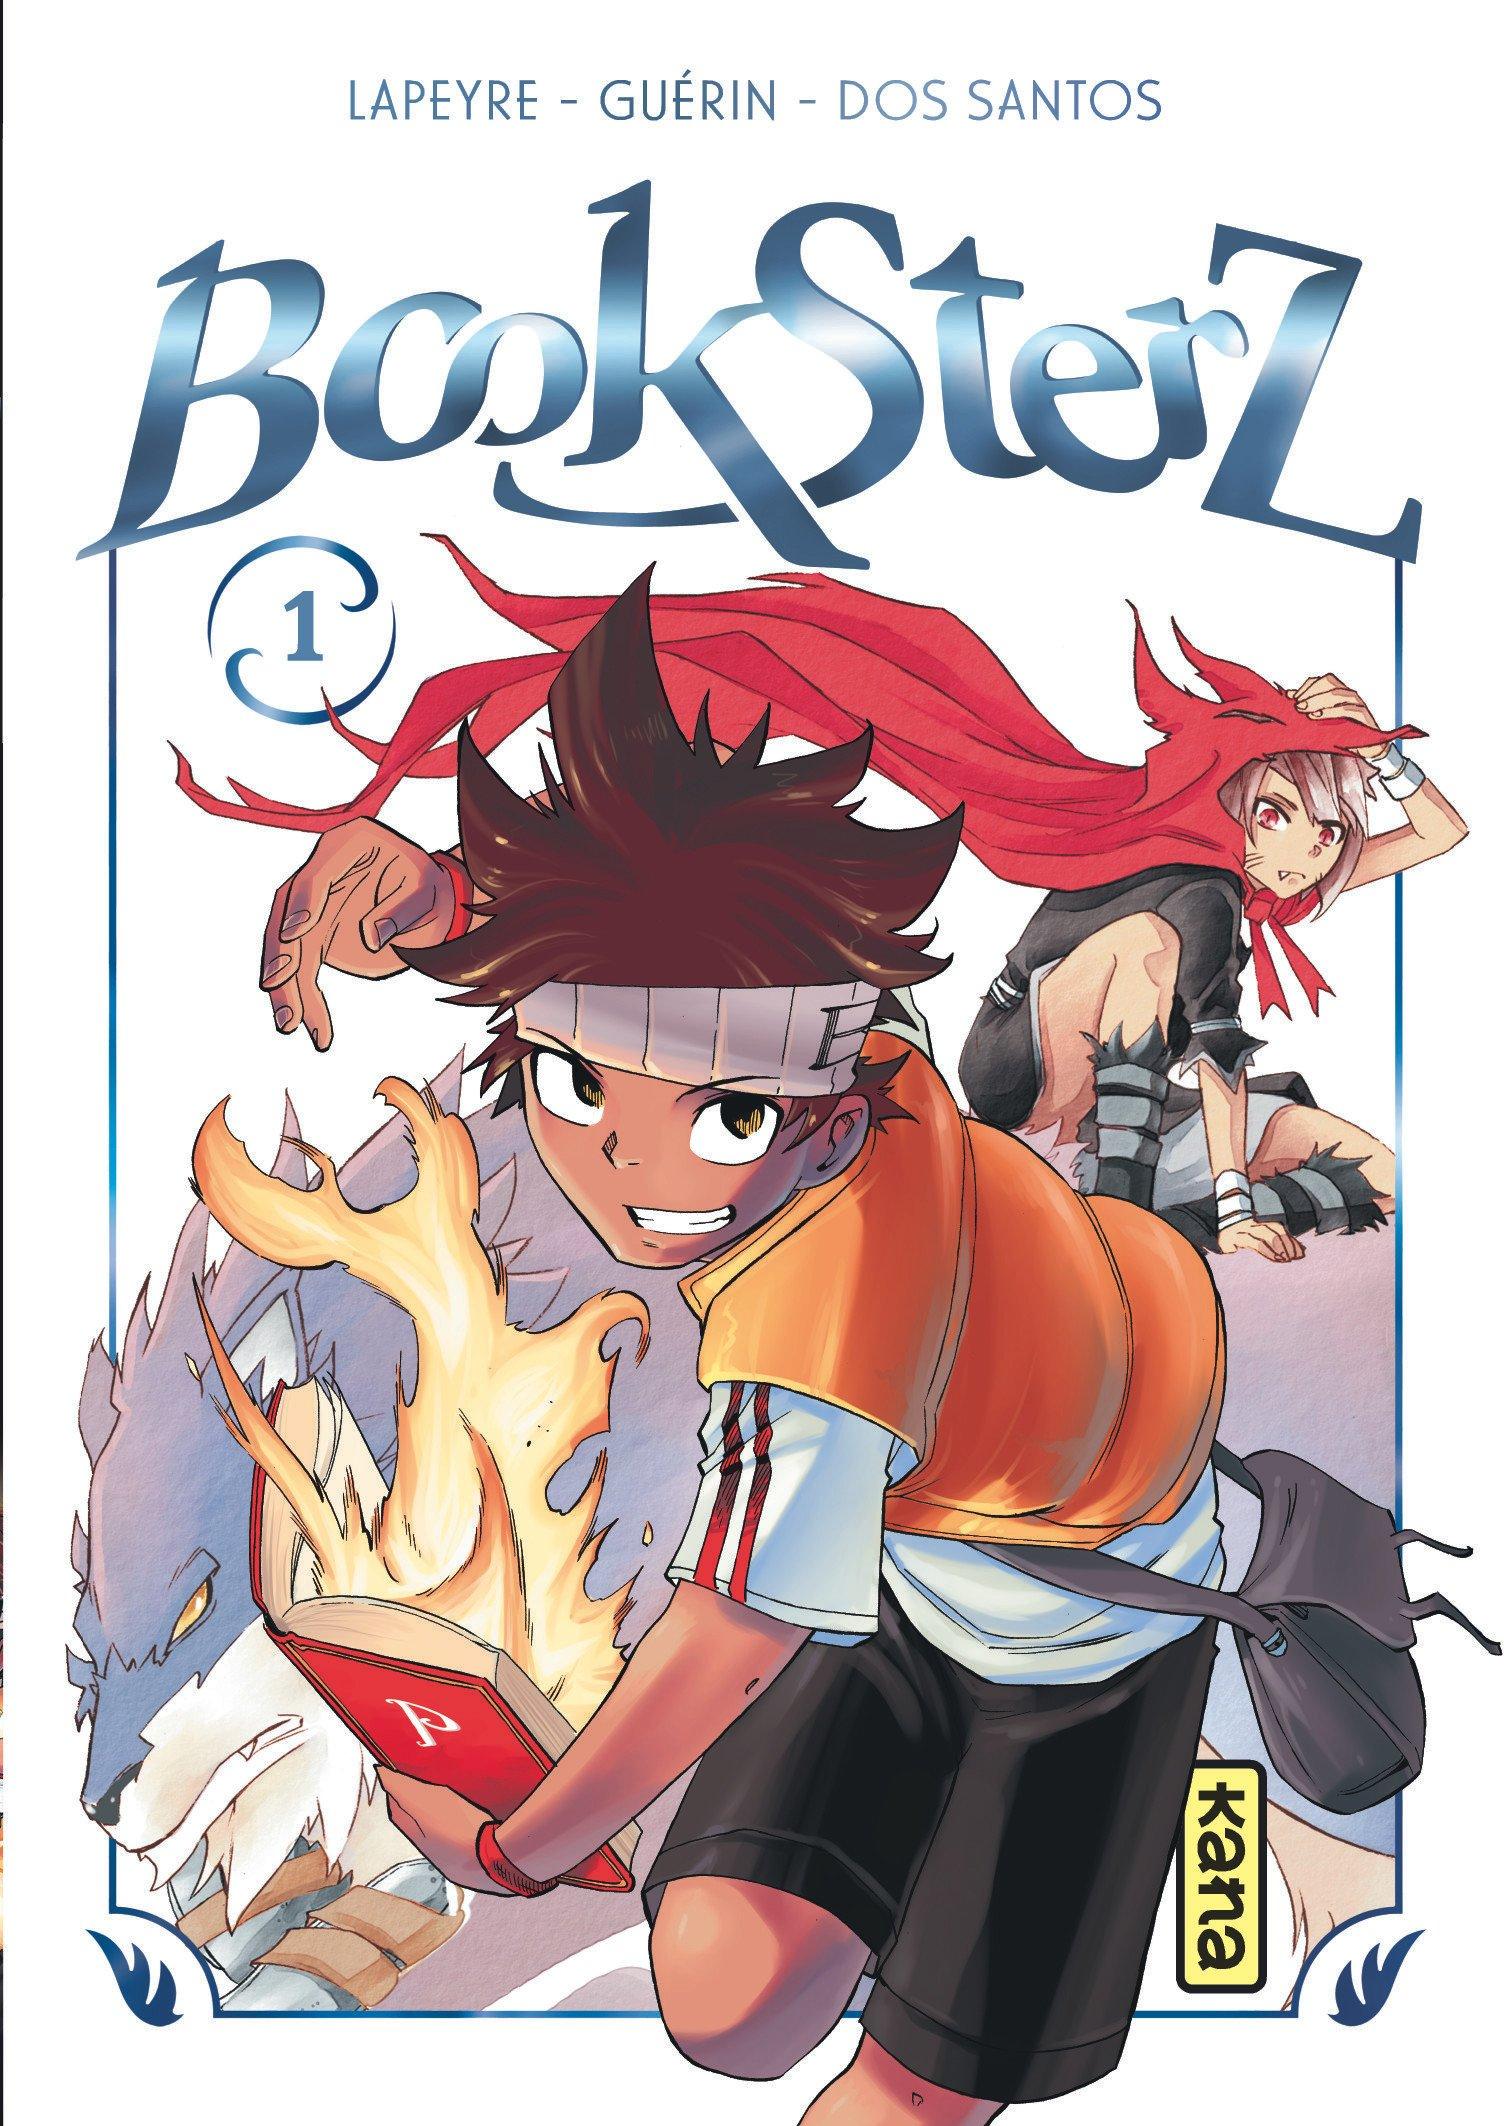 Booksterz 1